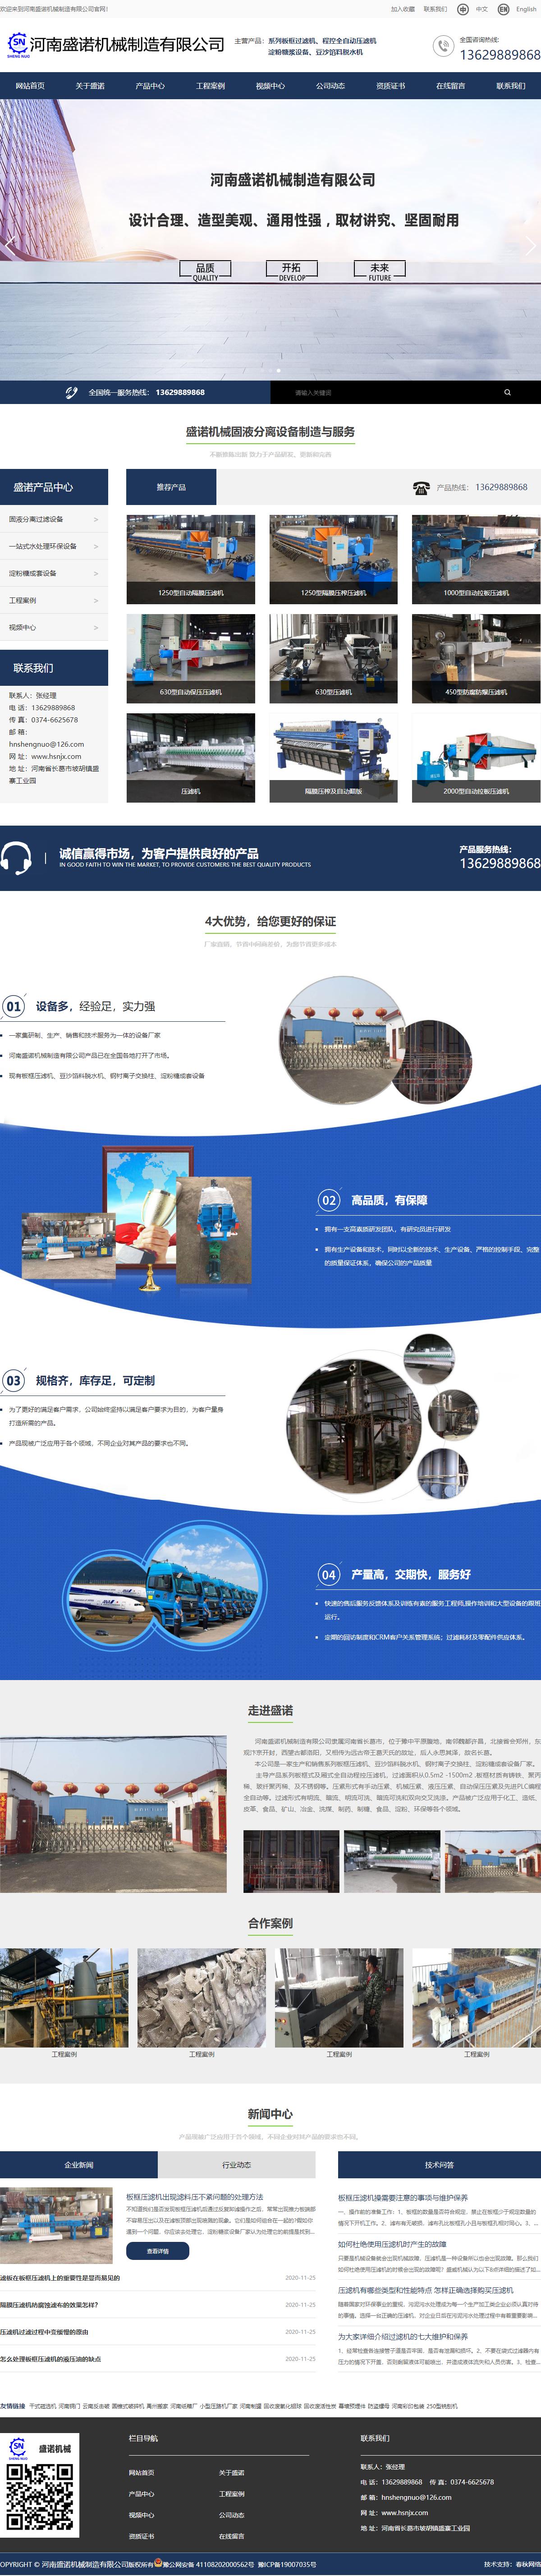 河南盛诺机械制造有限公司网站案例